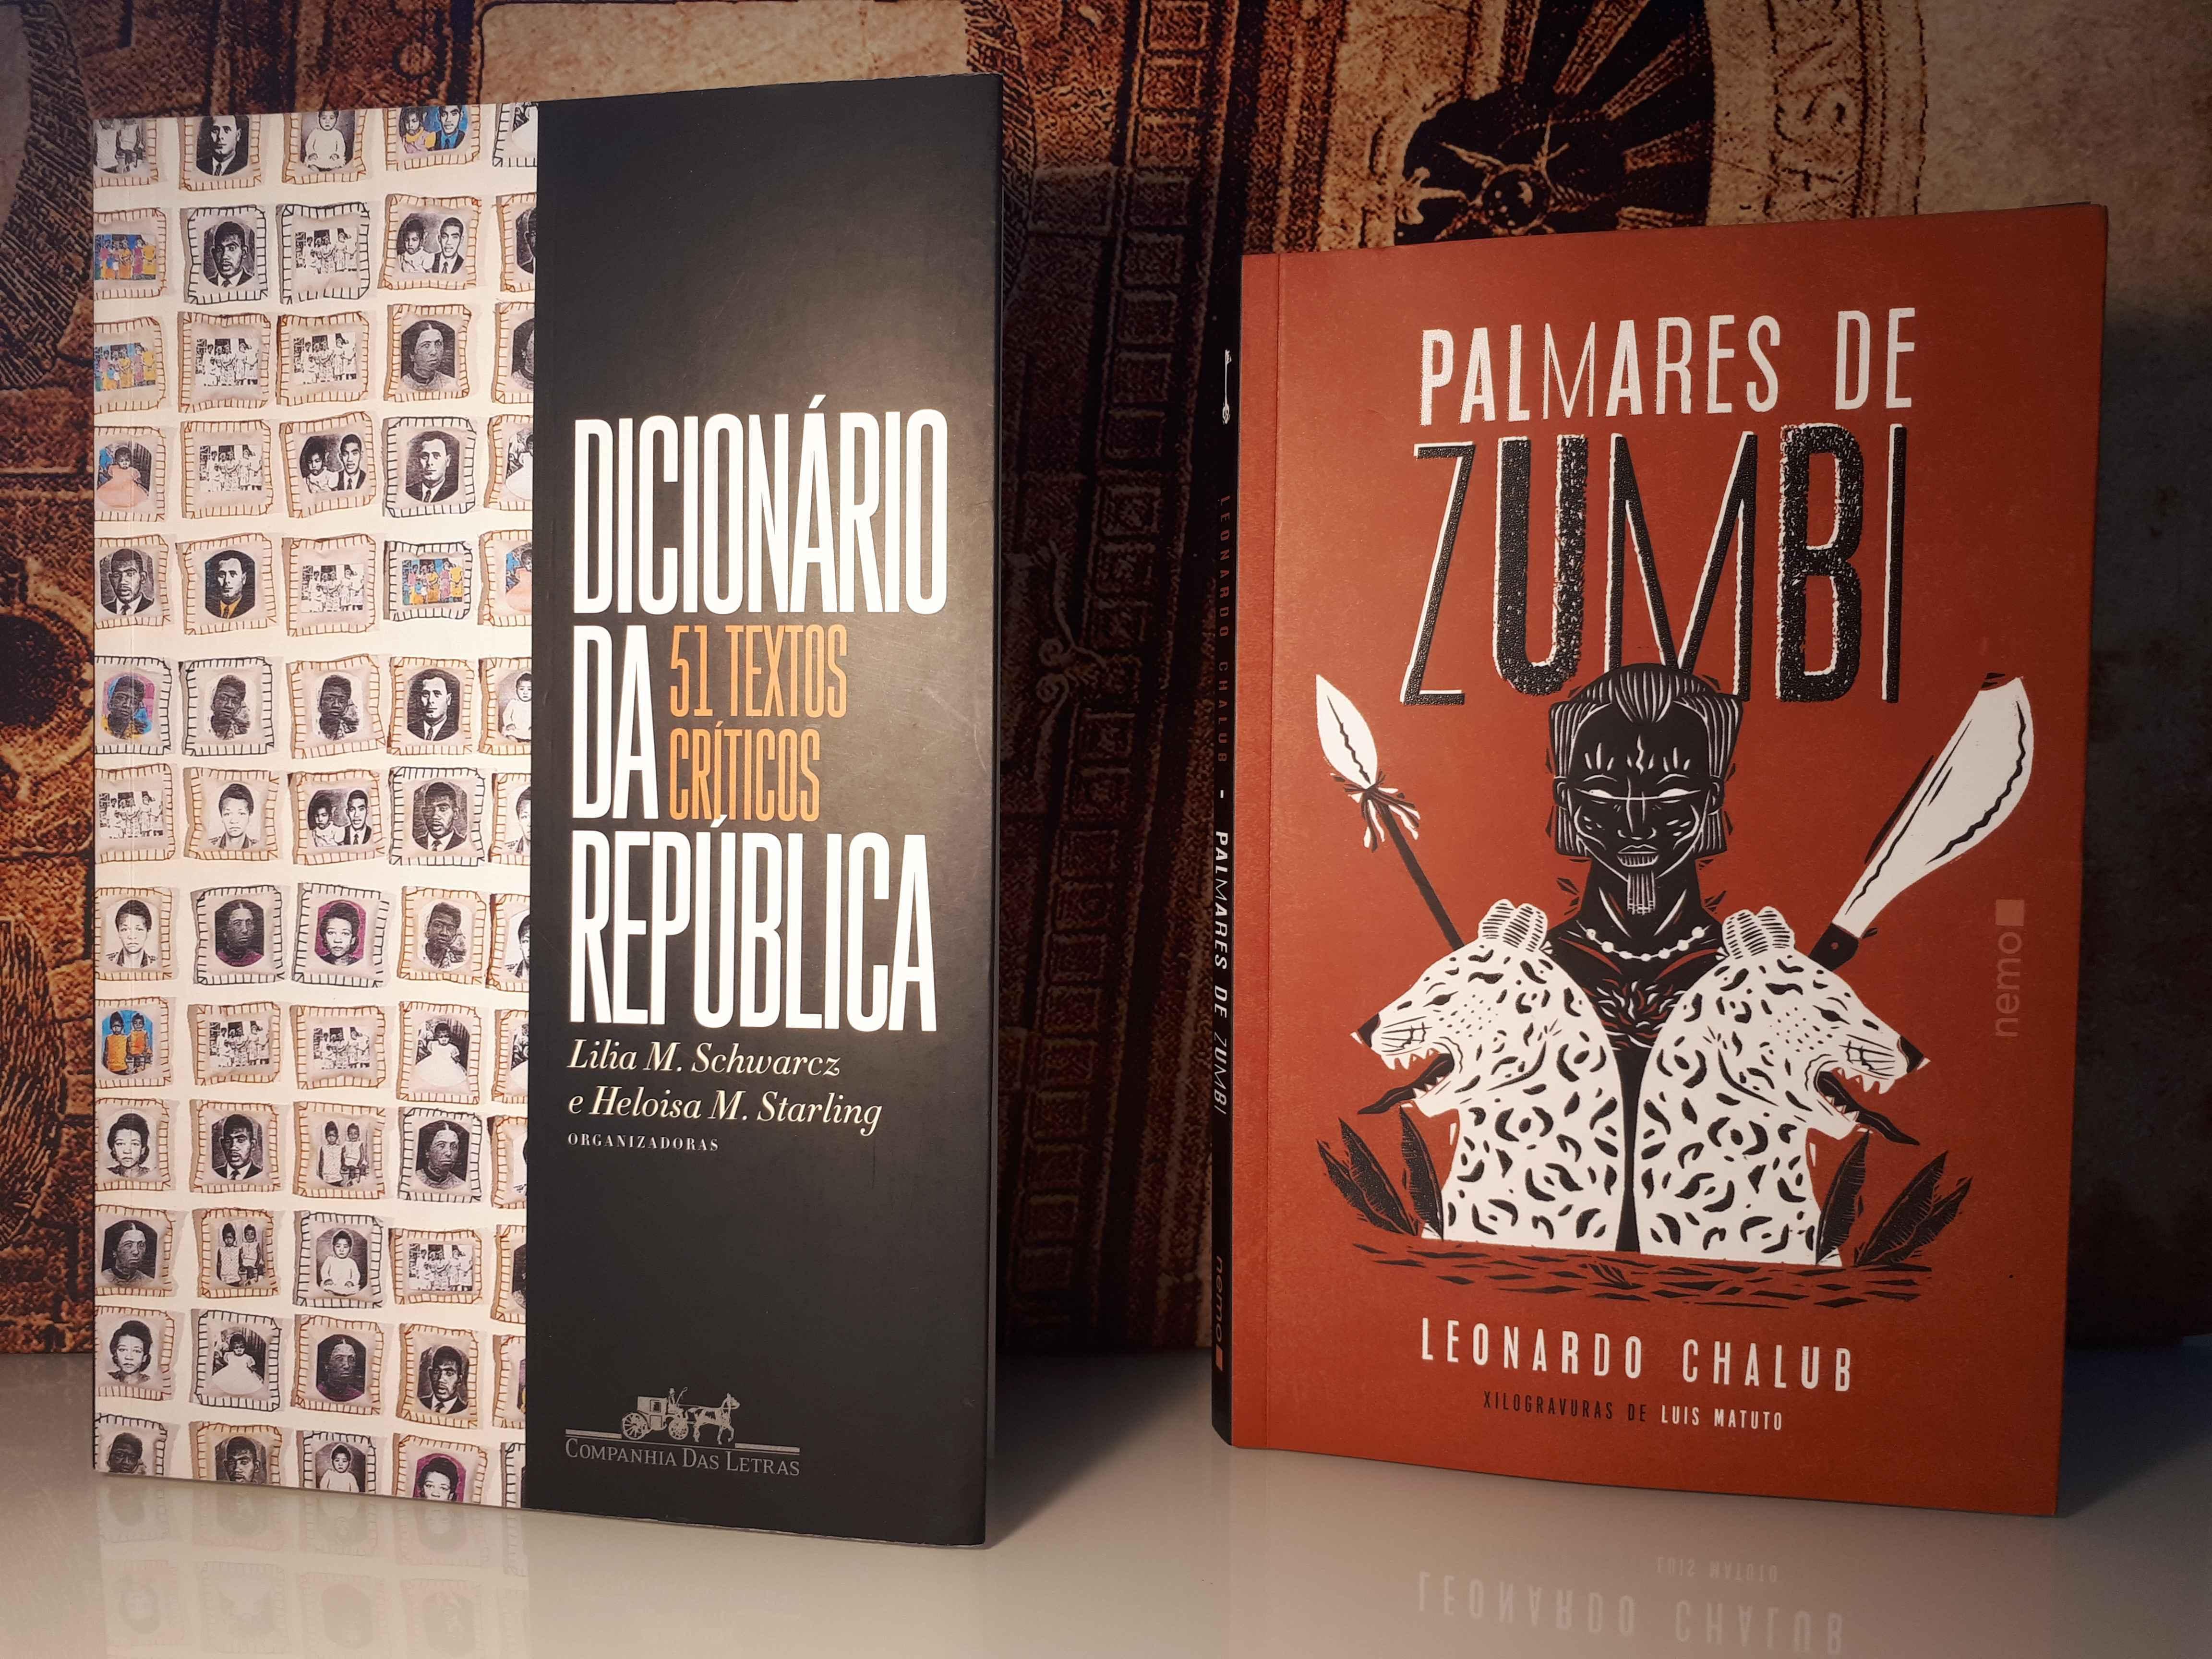 Capas dos livros Dicionário da República e Zumbi dos Palmares, finalistas do Prêmio Jabuti